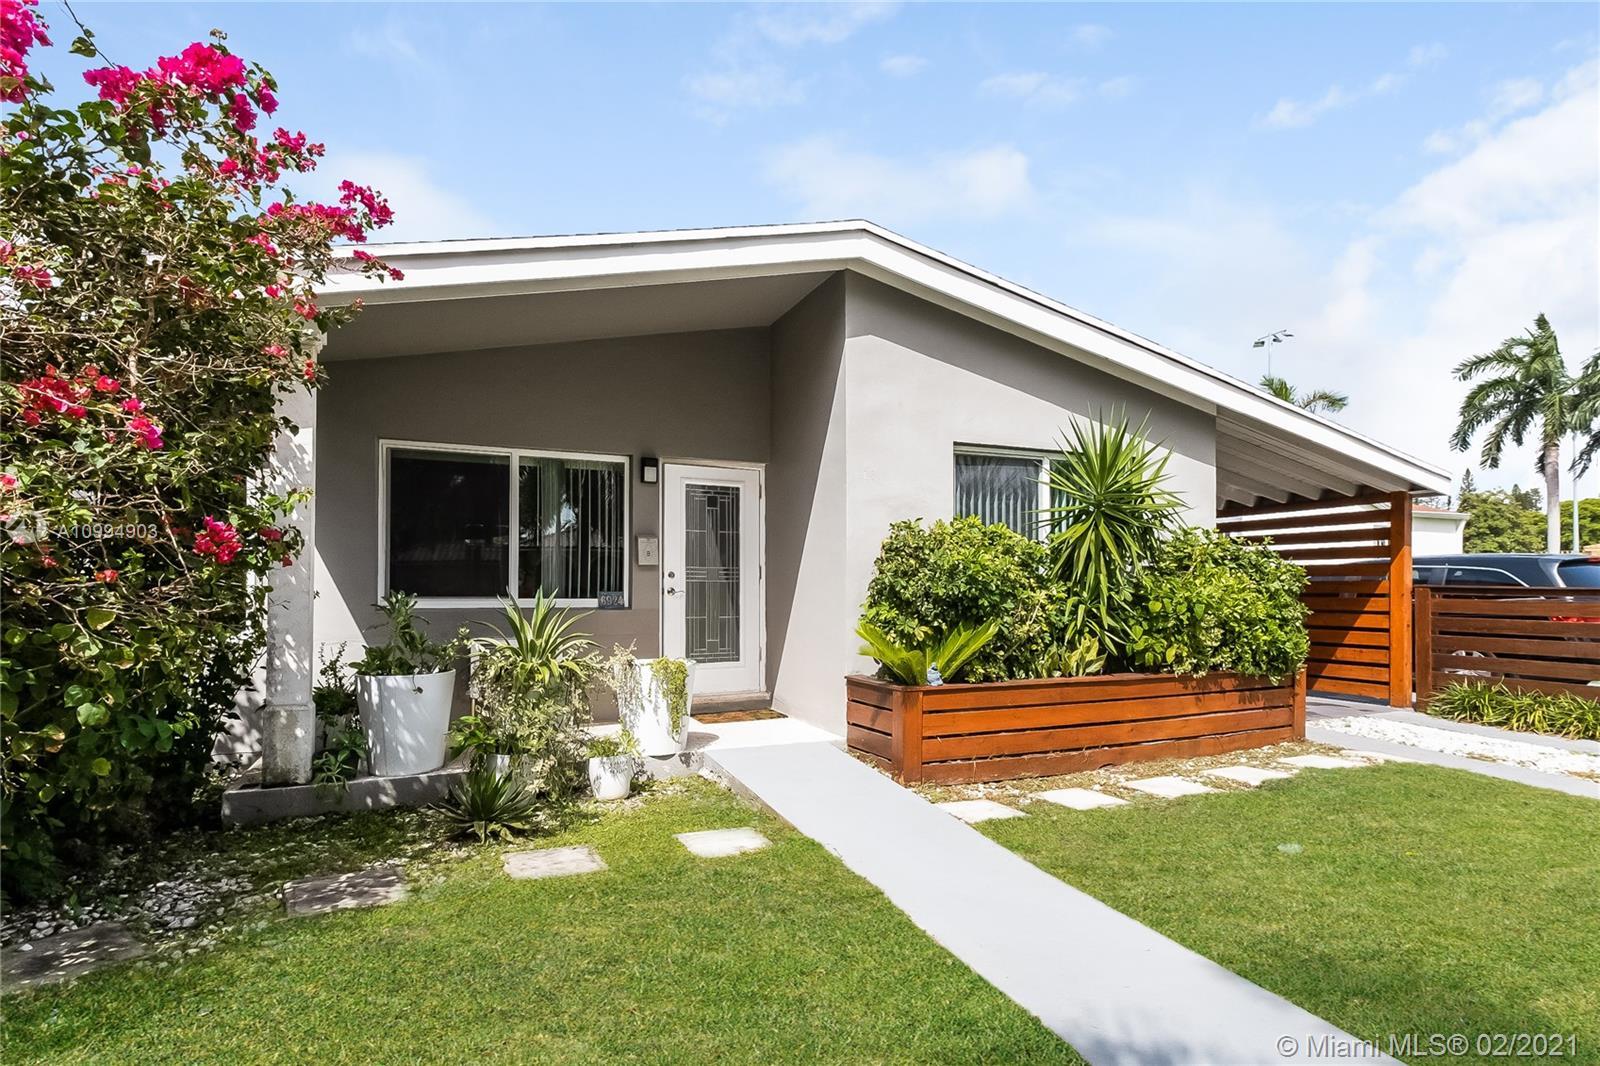 Isle of Normandy - 6924 Trouville Esplanade, Miami Beach, FL 33141